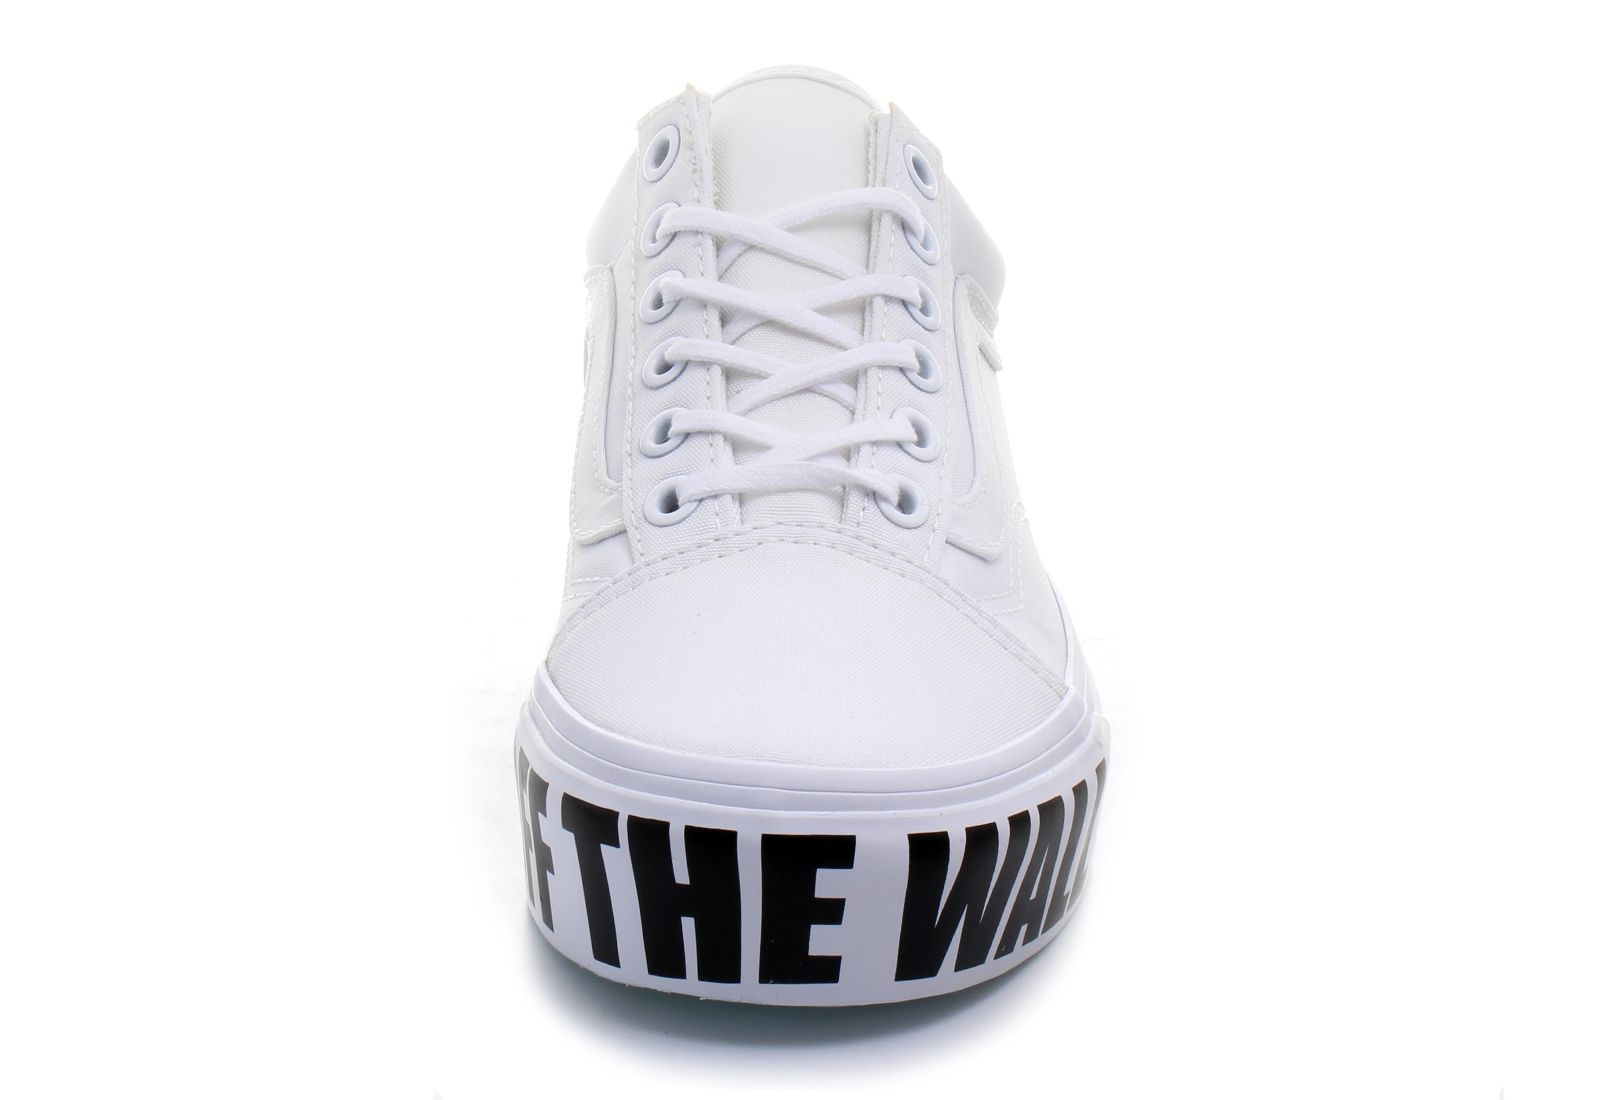 Vans Cipő - Old Skool Platform - VA3B3UNZC - Office Shoes Magyarország f10c23bdec